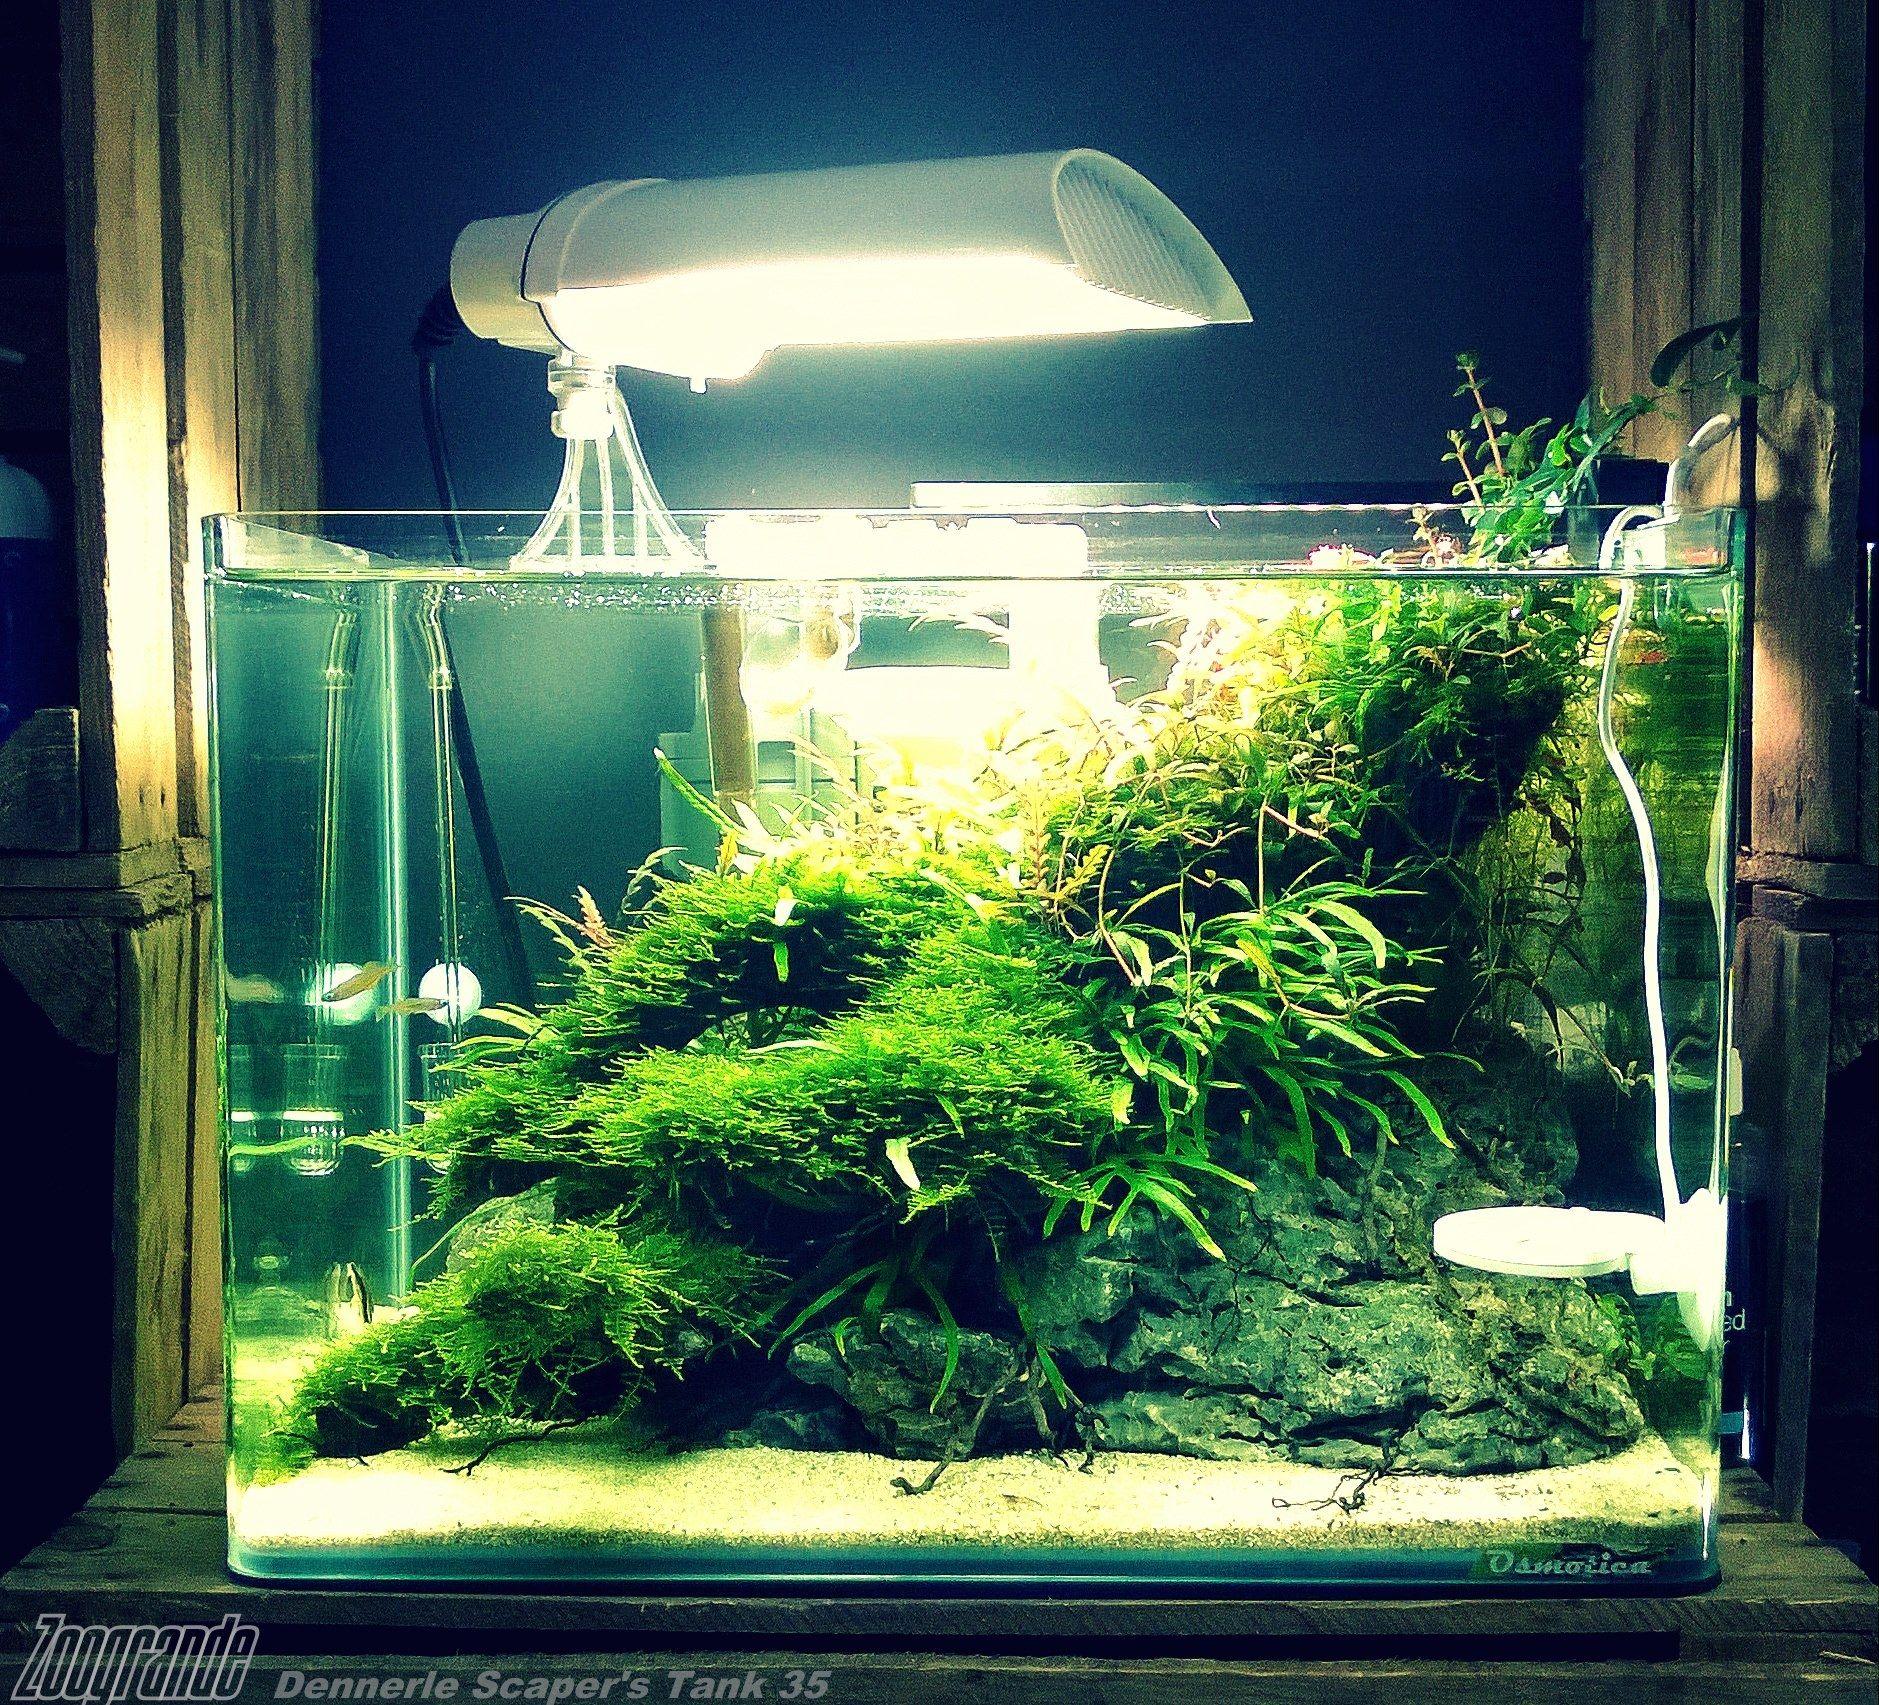 820d4709799e28728fa6c7770586f550 Luxe De Crevette Aquarium Des Idées